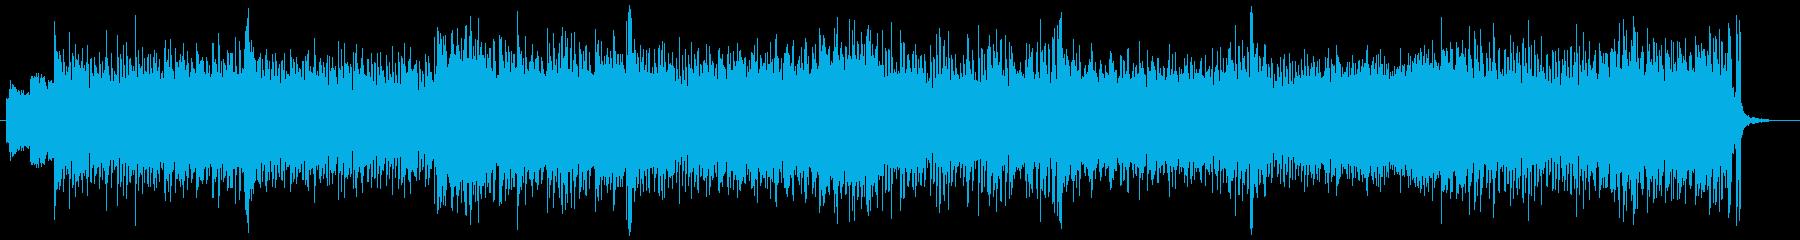 軽快なリズムが縦ノリを誘発するEDMの再生済みの波形